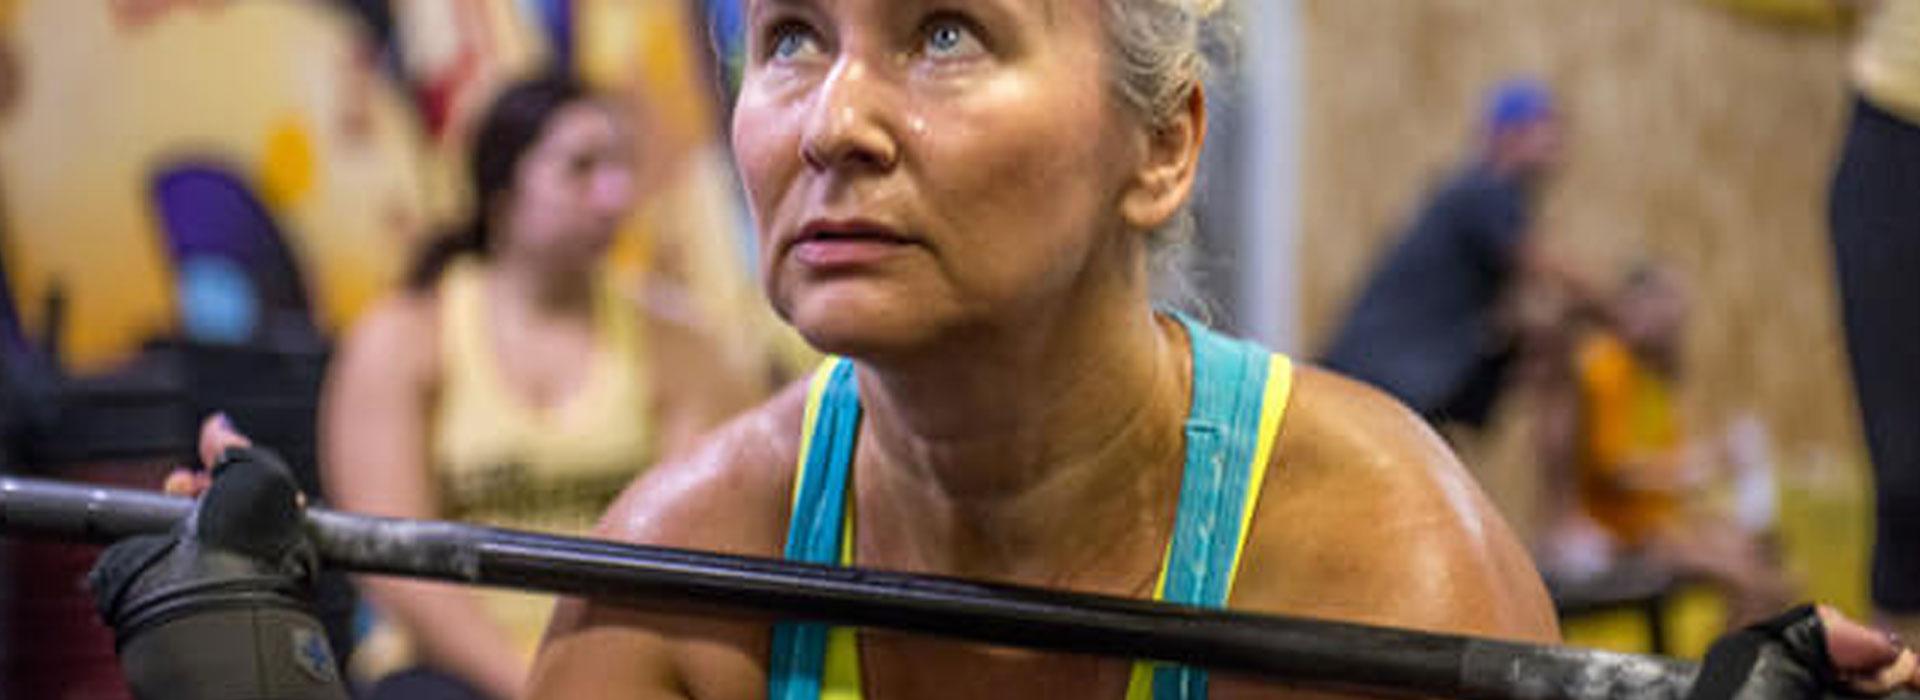 Fitness Gym in Cortlandt Manor NY, Fitness Gym near Yorktown Heights NY, Fitness Gym near Peekskill NY